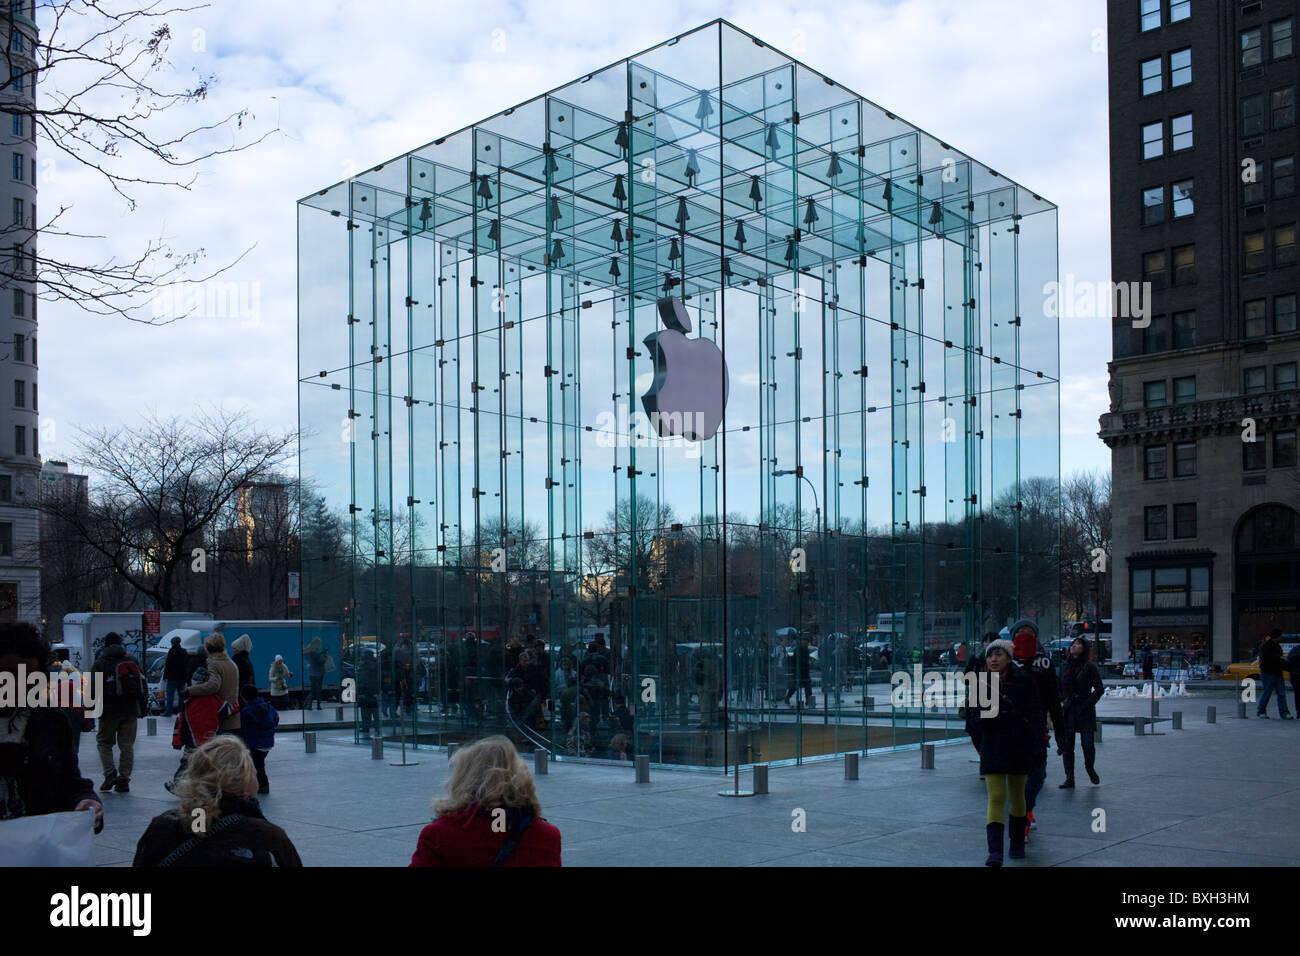 Le cube de verre, de l'Apple Store Cinquième Avenue, Manhattan, New York City Banque D'Images